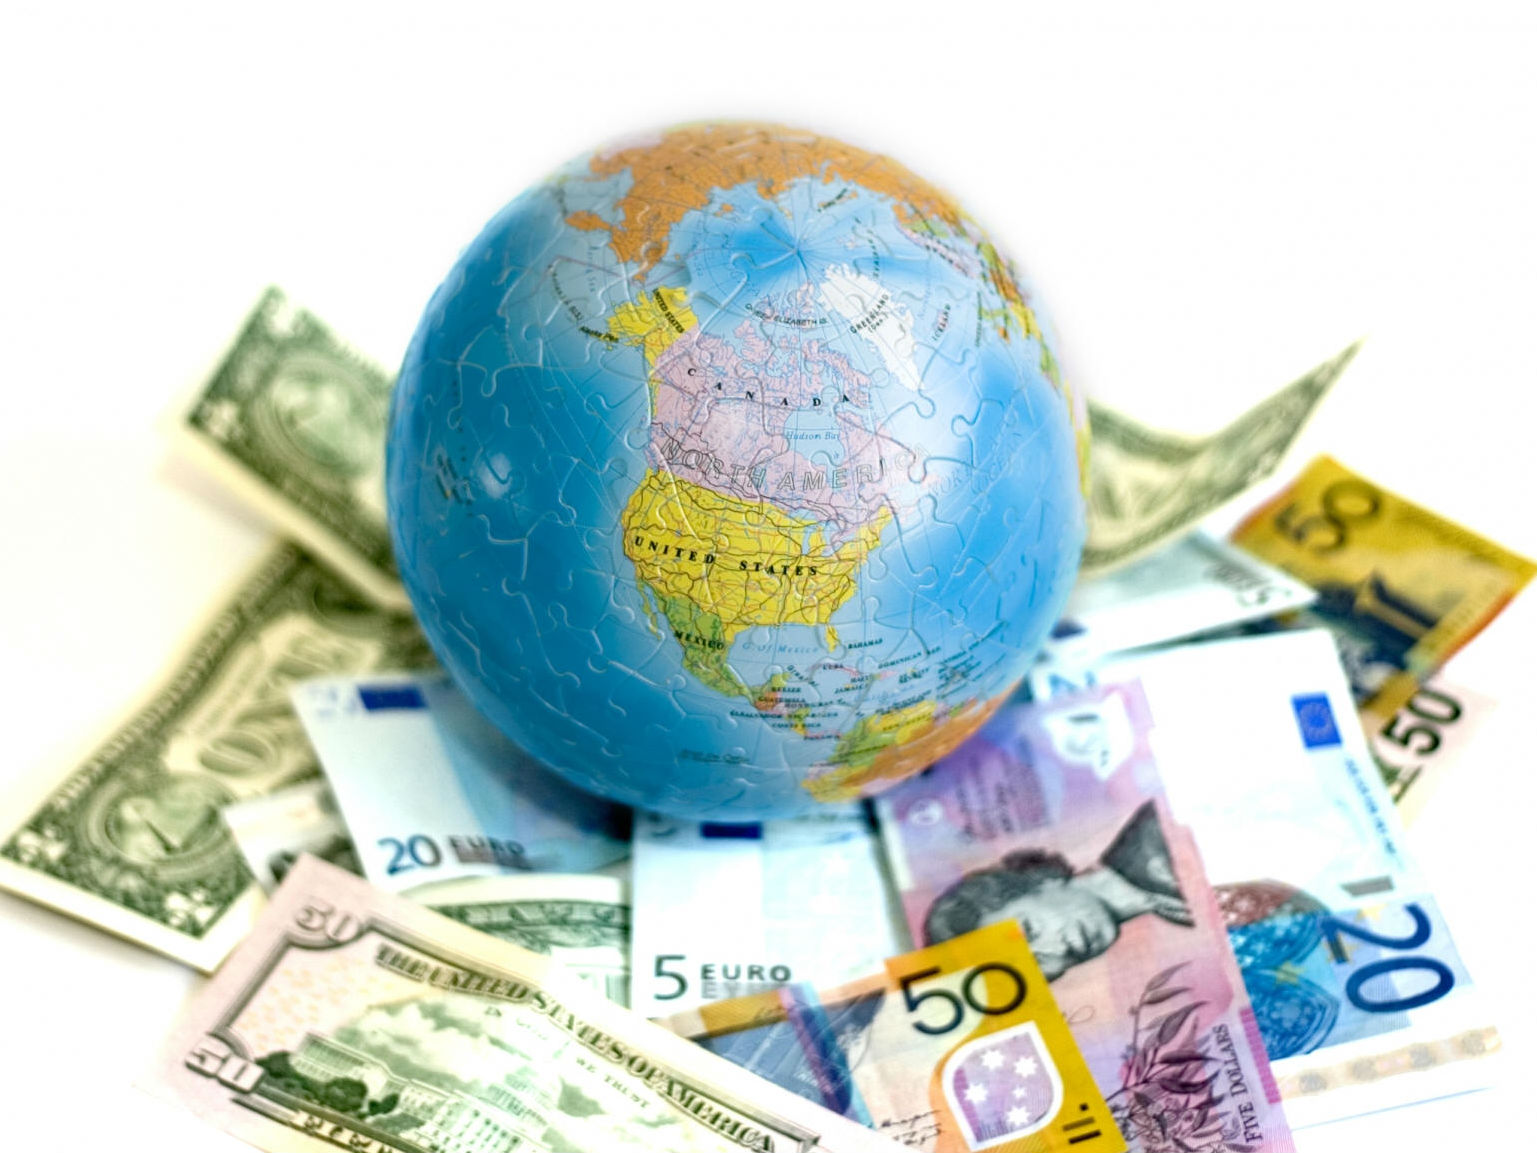 过去50年间世界经济总量增长趋势_世界经济增长趋势图片